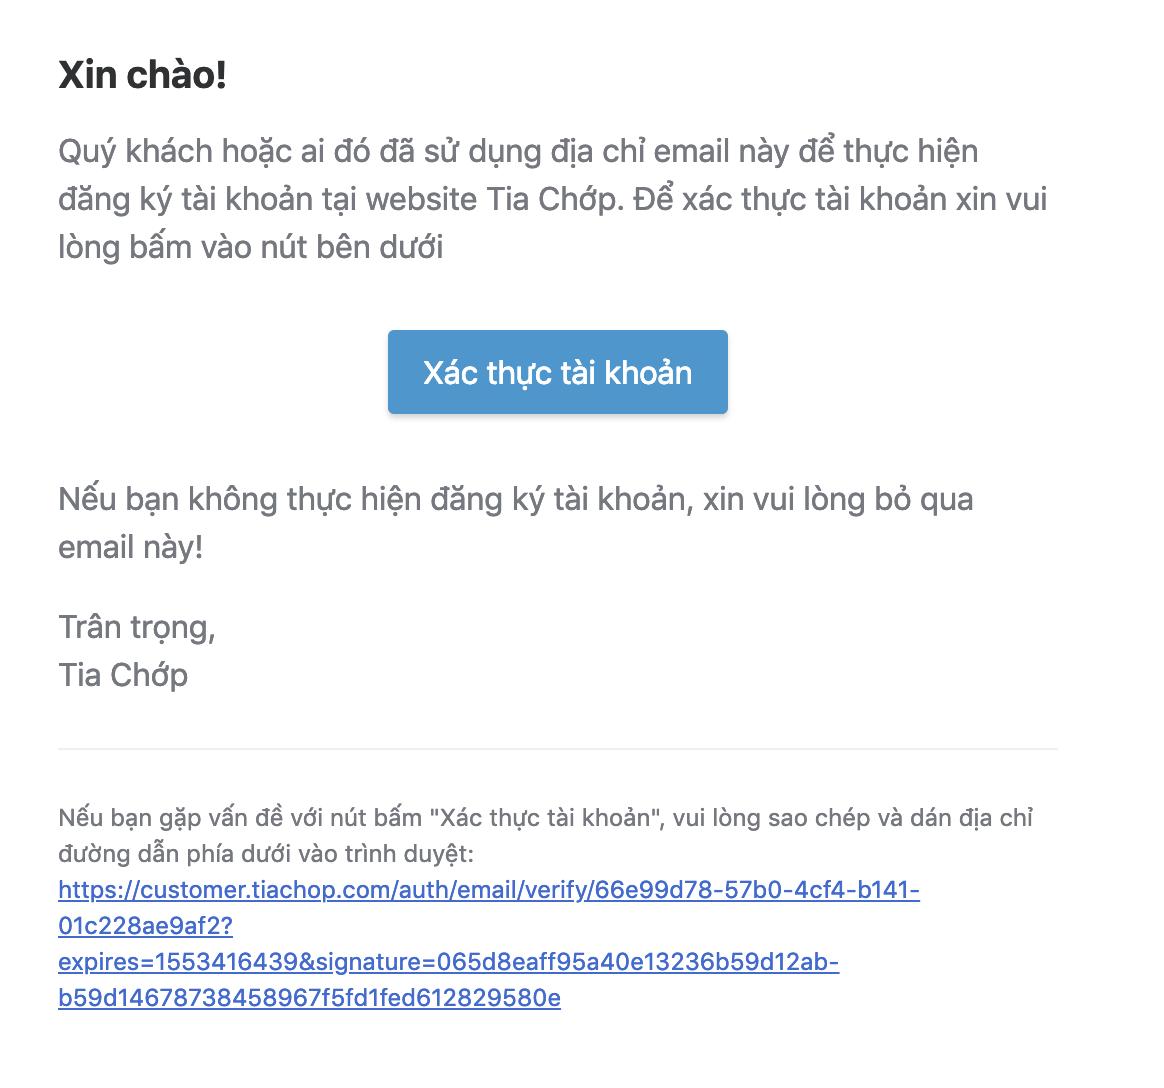 Hướng dẫn xác thực địa chỉ email